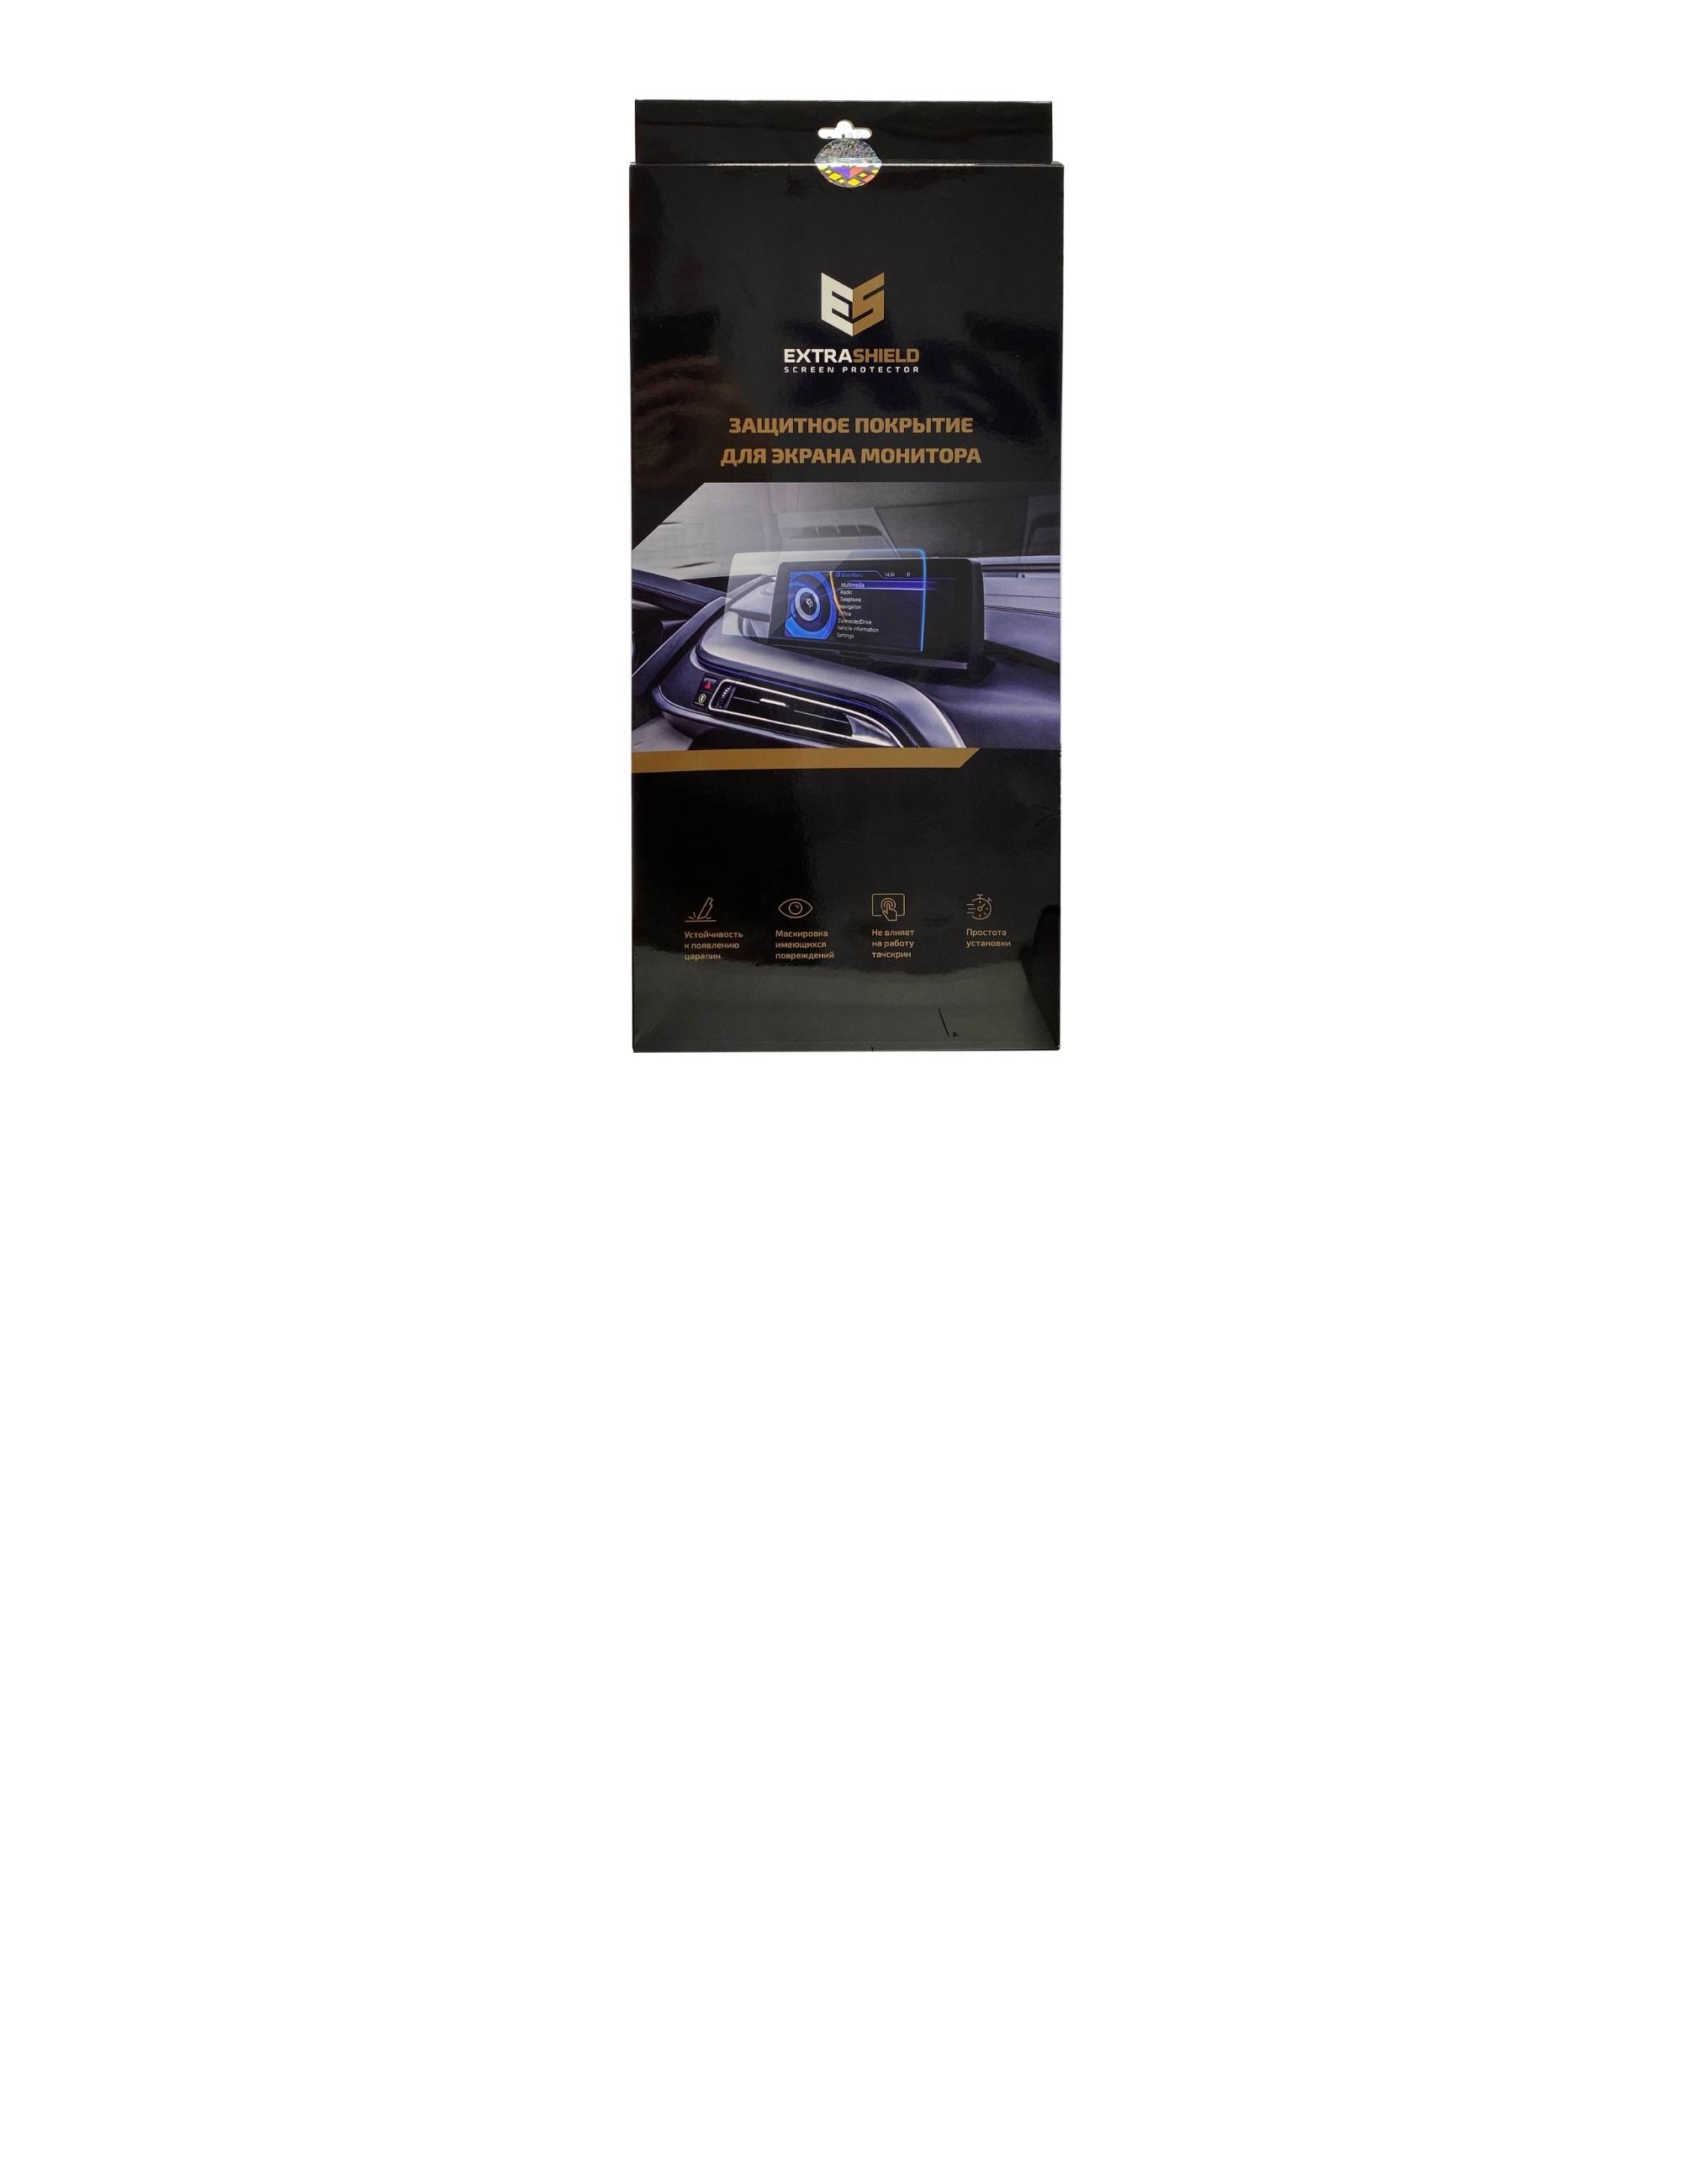 BMW X7 (G07) 2018 - н.в. приборная панель (с датчиком) 12.3 Защитное стекло Глянец